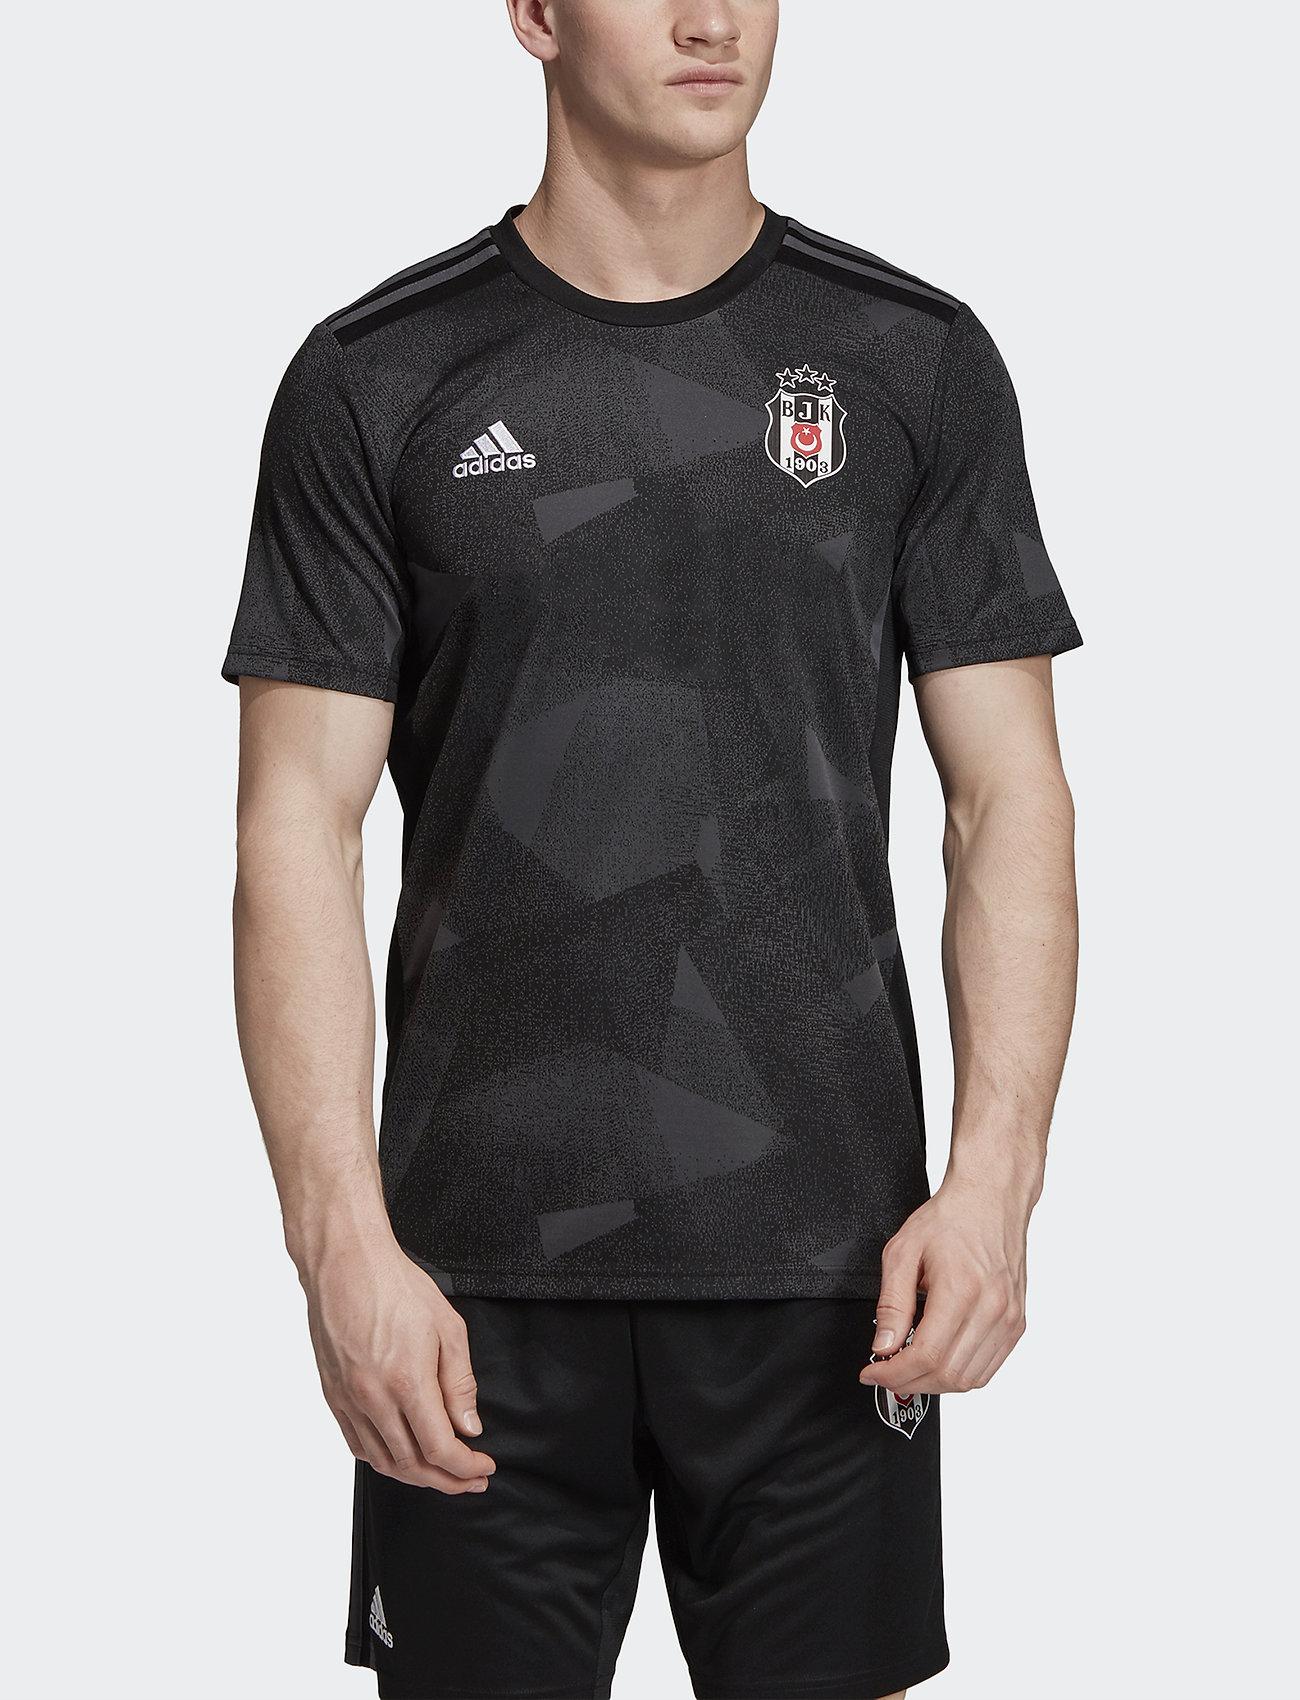 adidas Performance - BJK A JSY - football shirts - black - 0